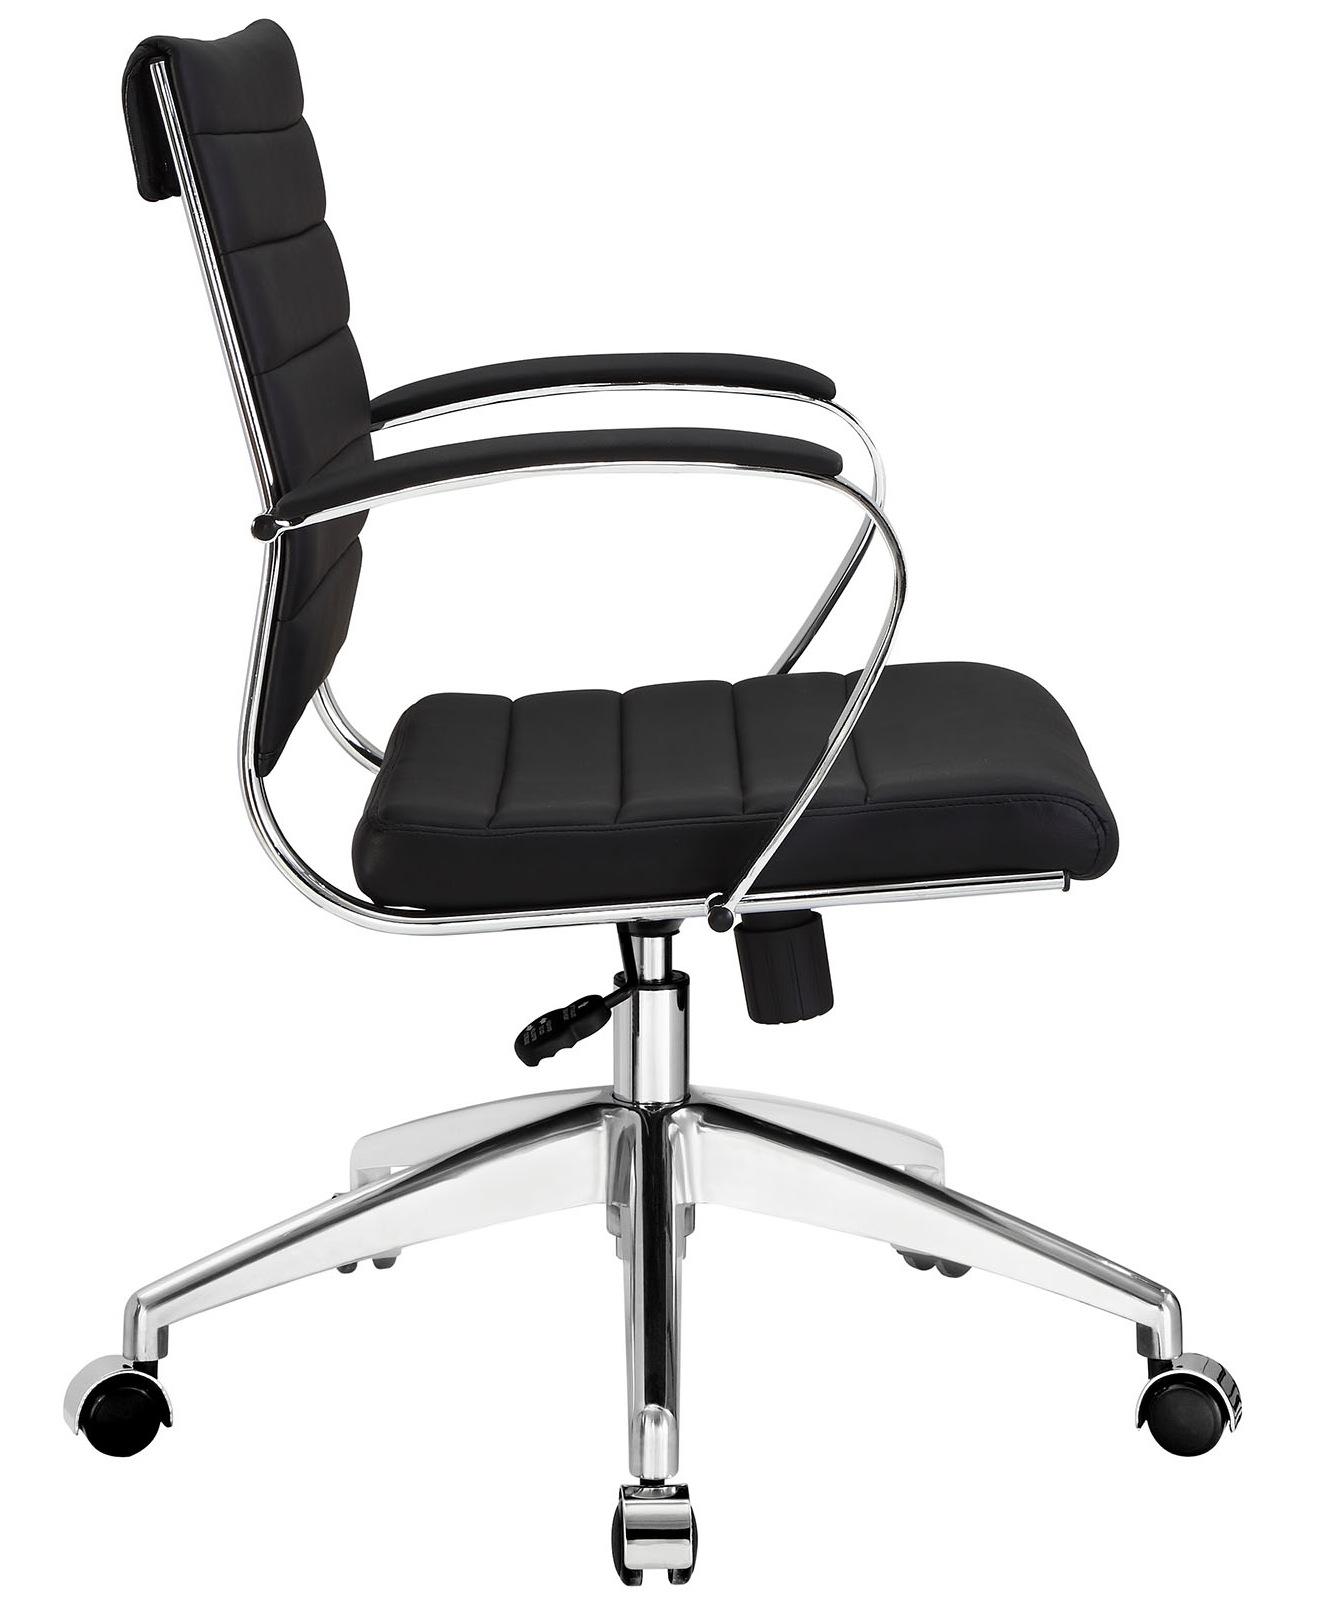 aria-chair-black.jpg